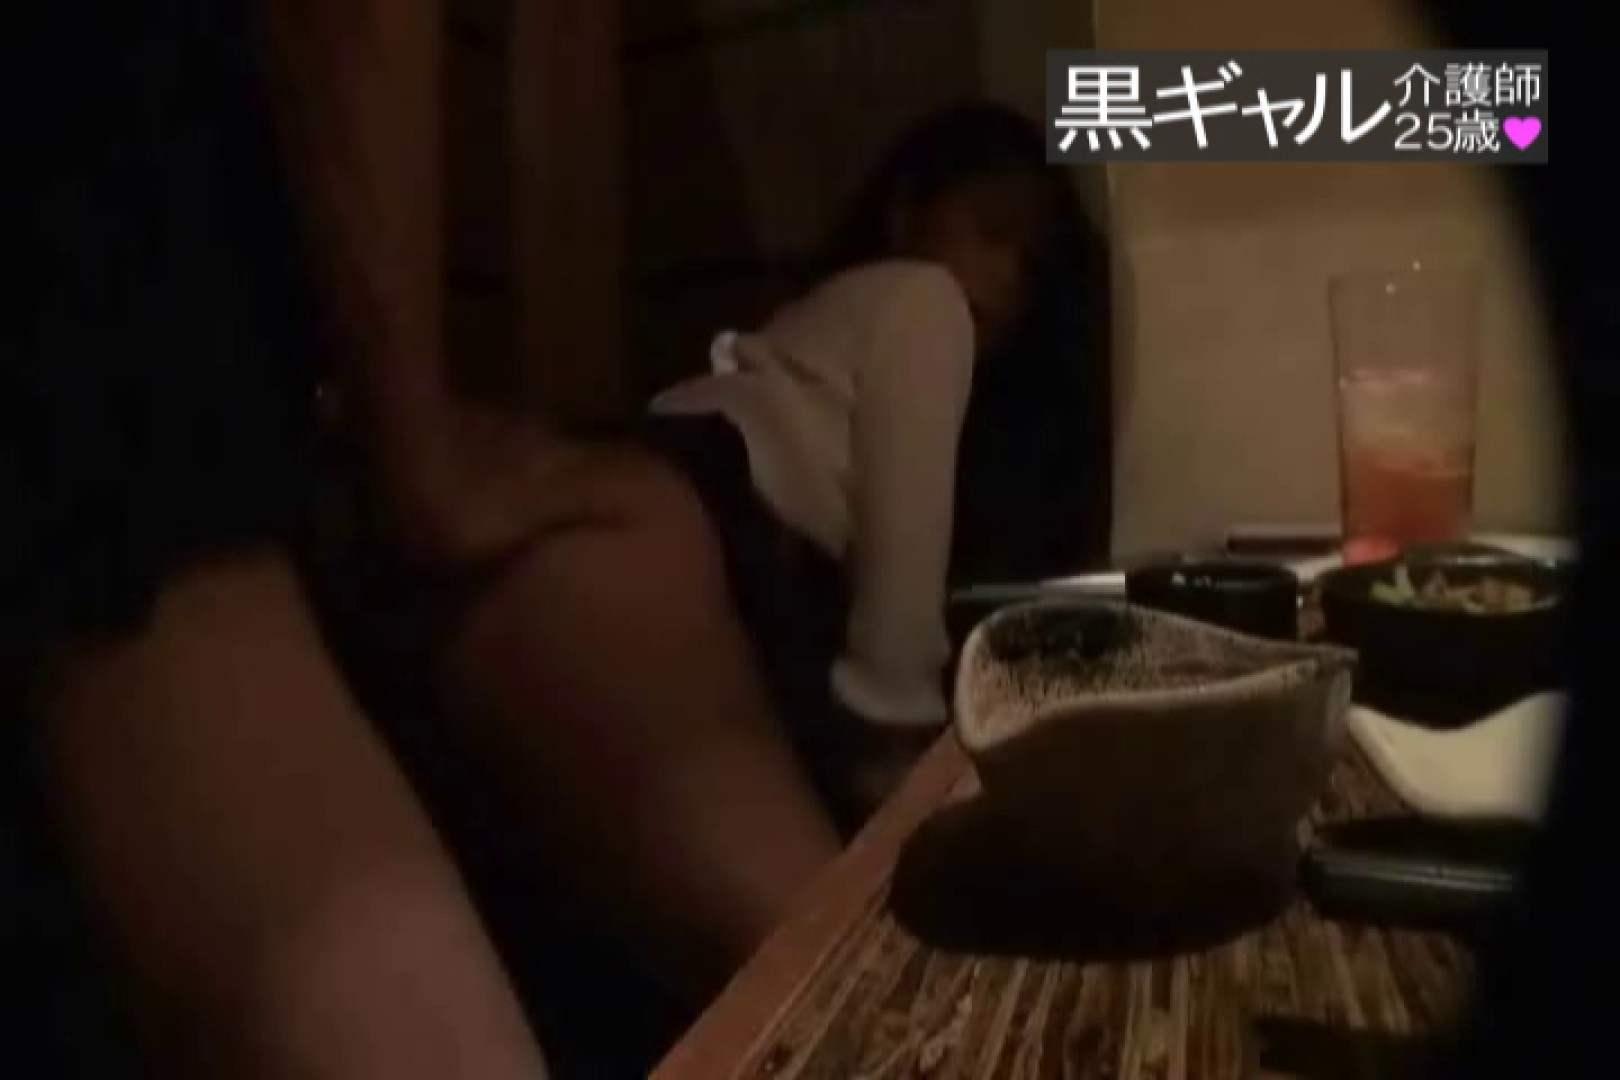 独占入手 従順M黒ギャル介護師25歳vol.3 ナンパ | 車  91連発 89